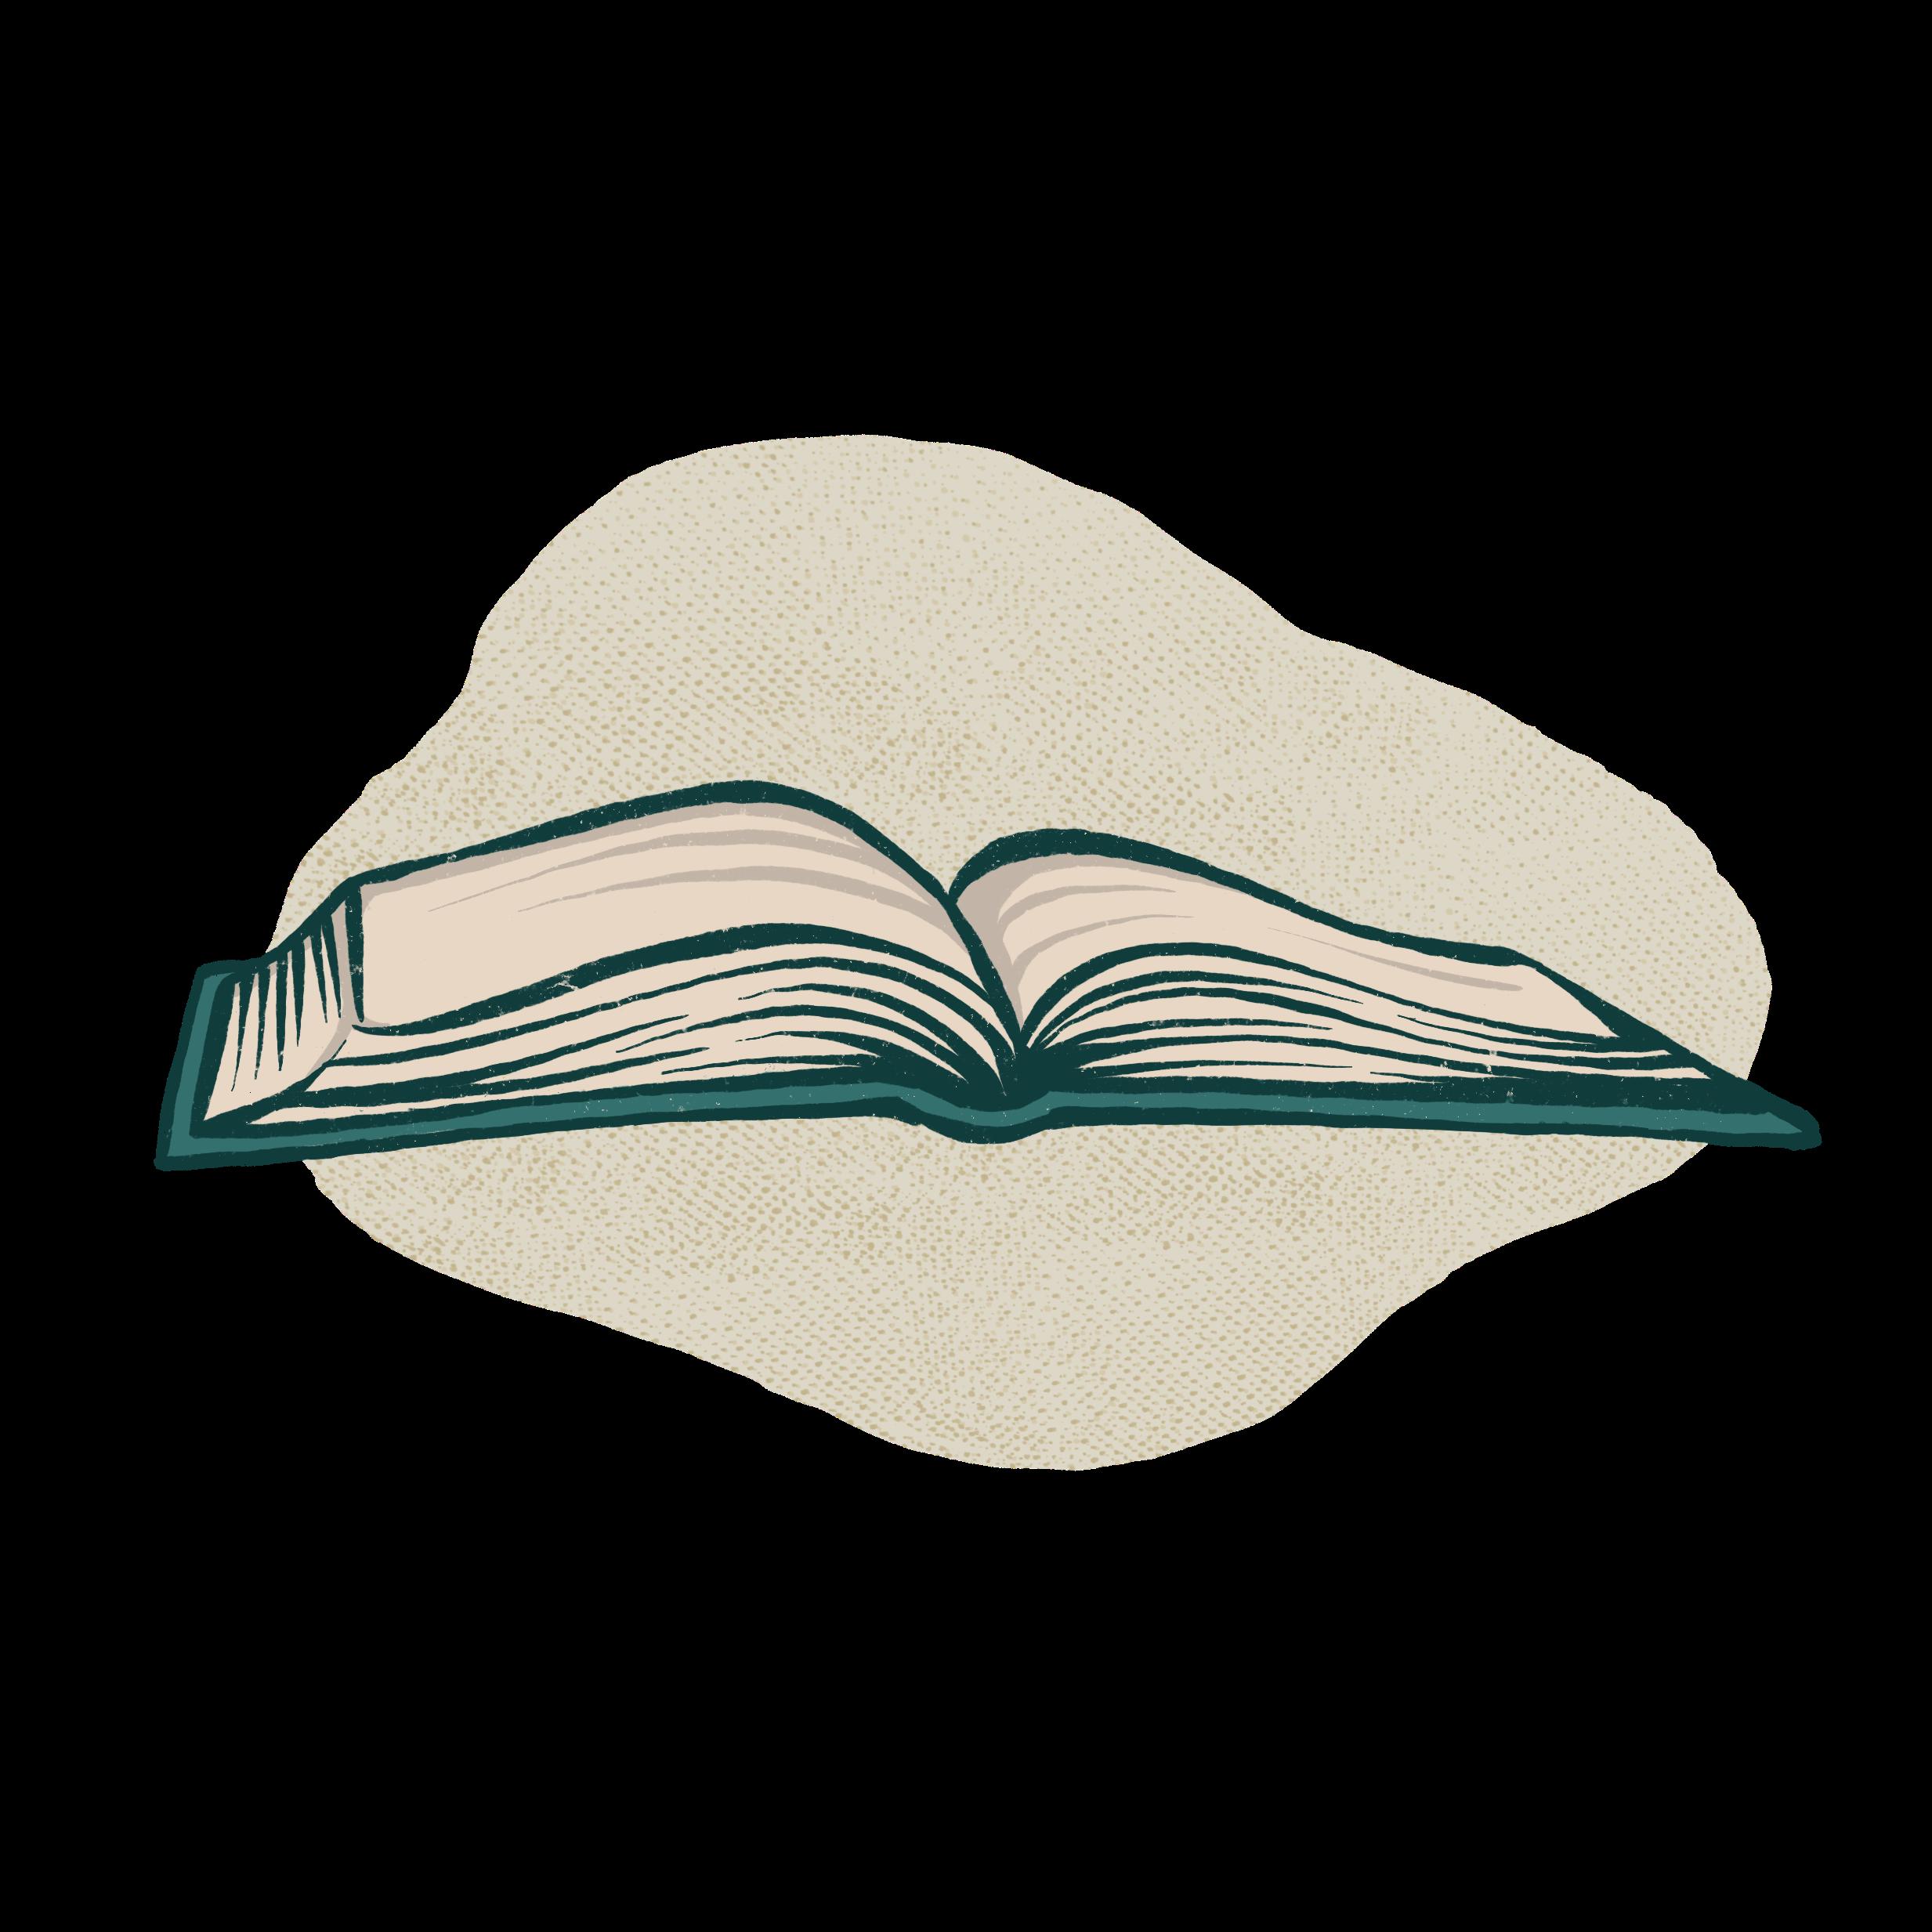 Manuscript editing for authors